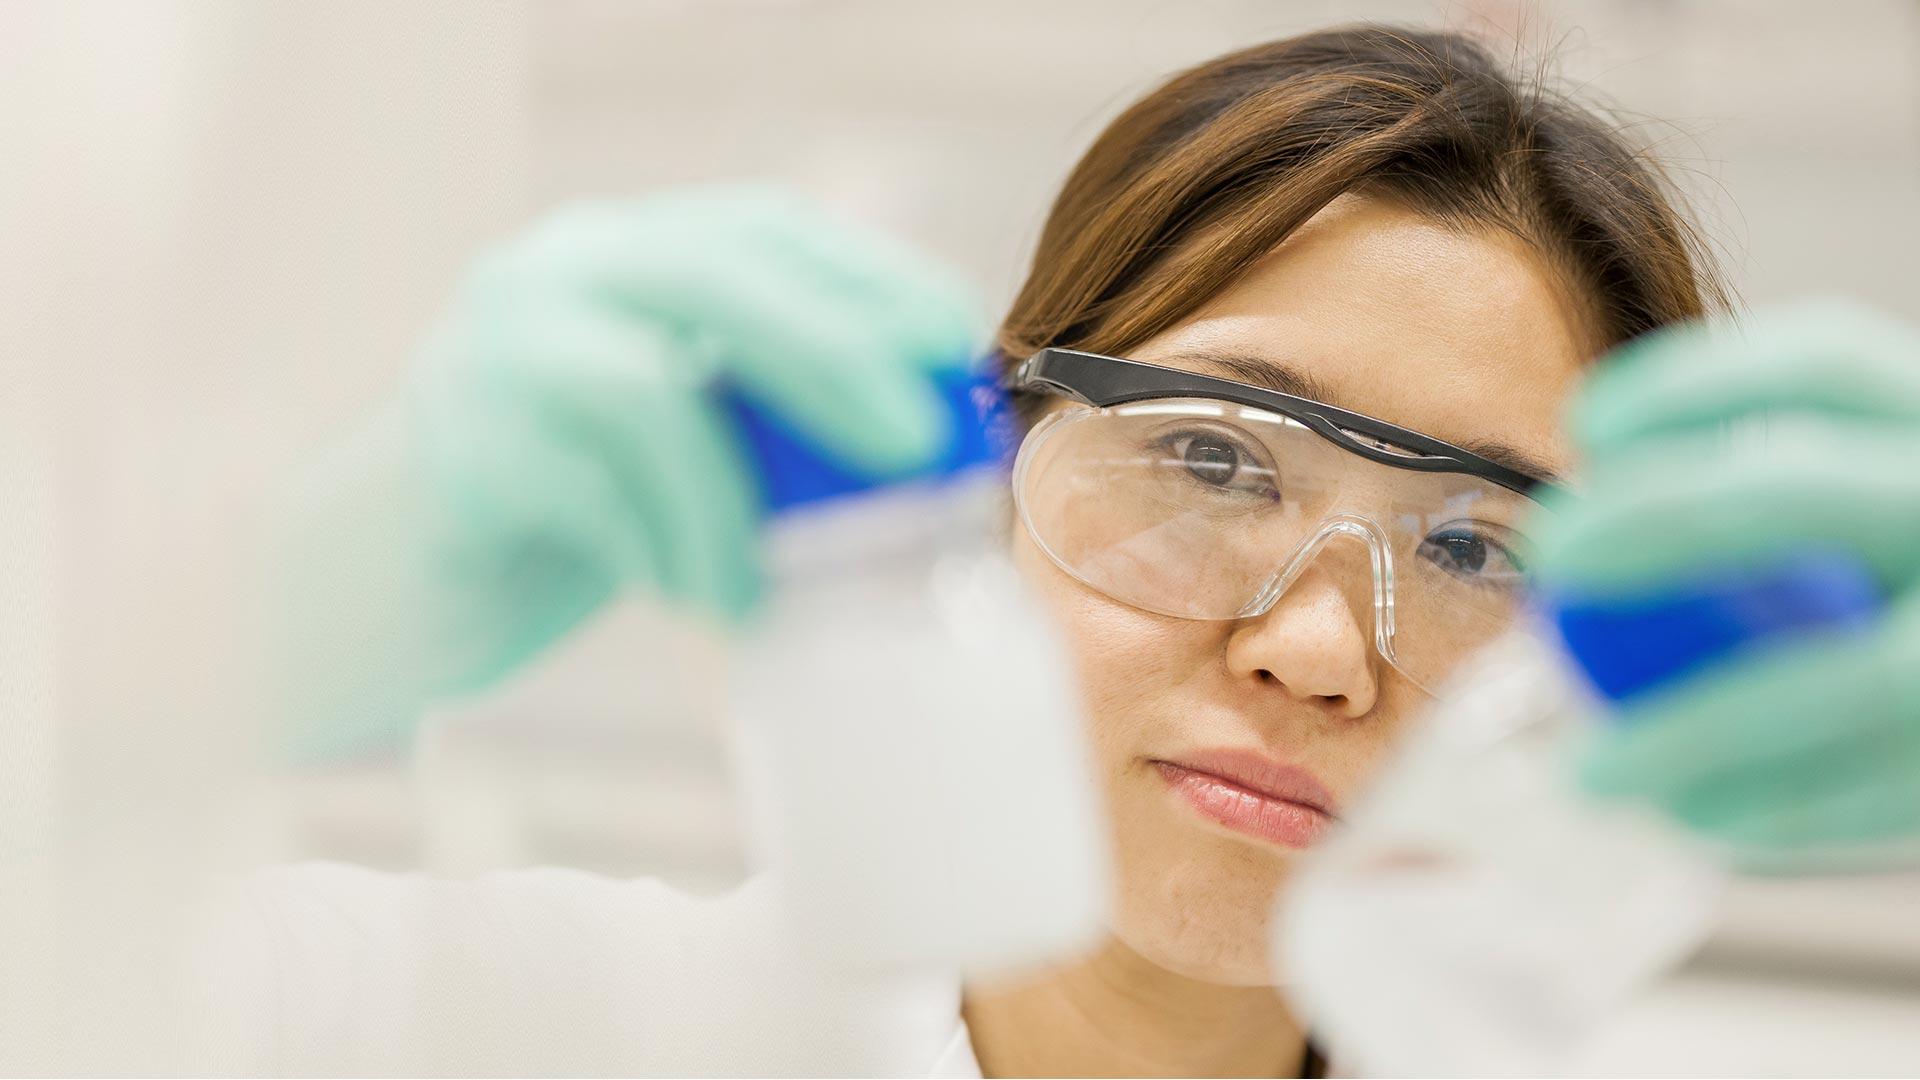 Chercheuse portant des lunettes et des gants, examinant des échantillonse